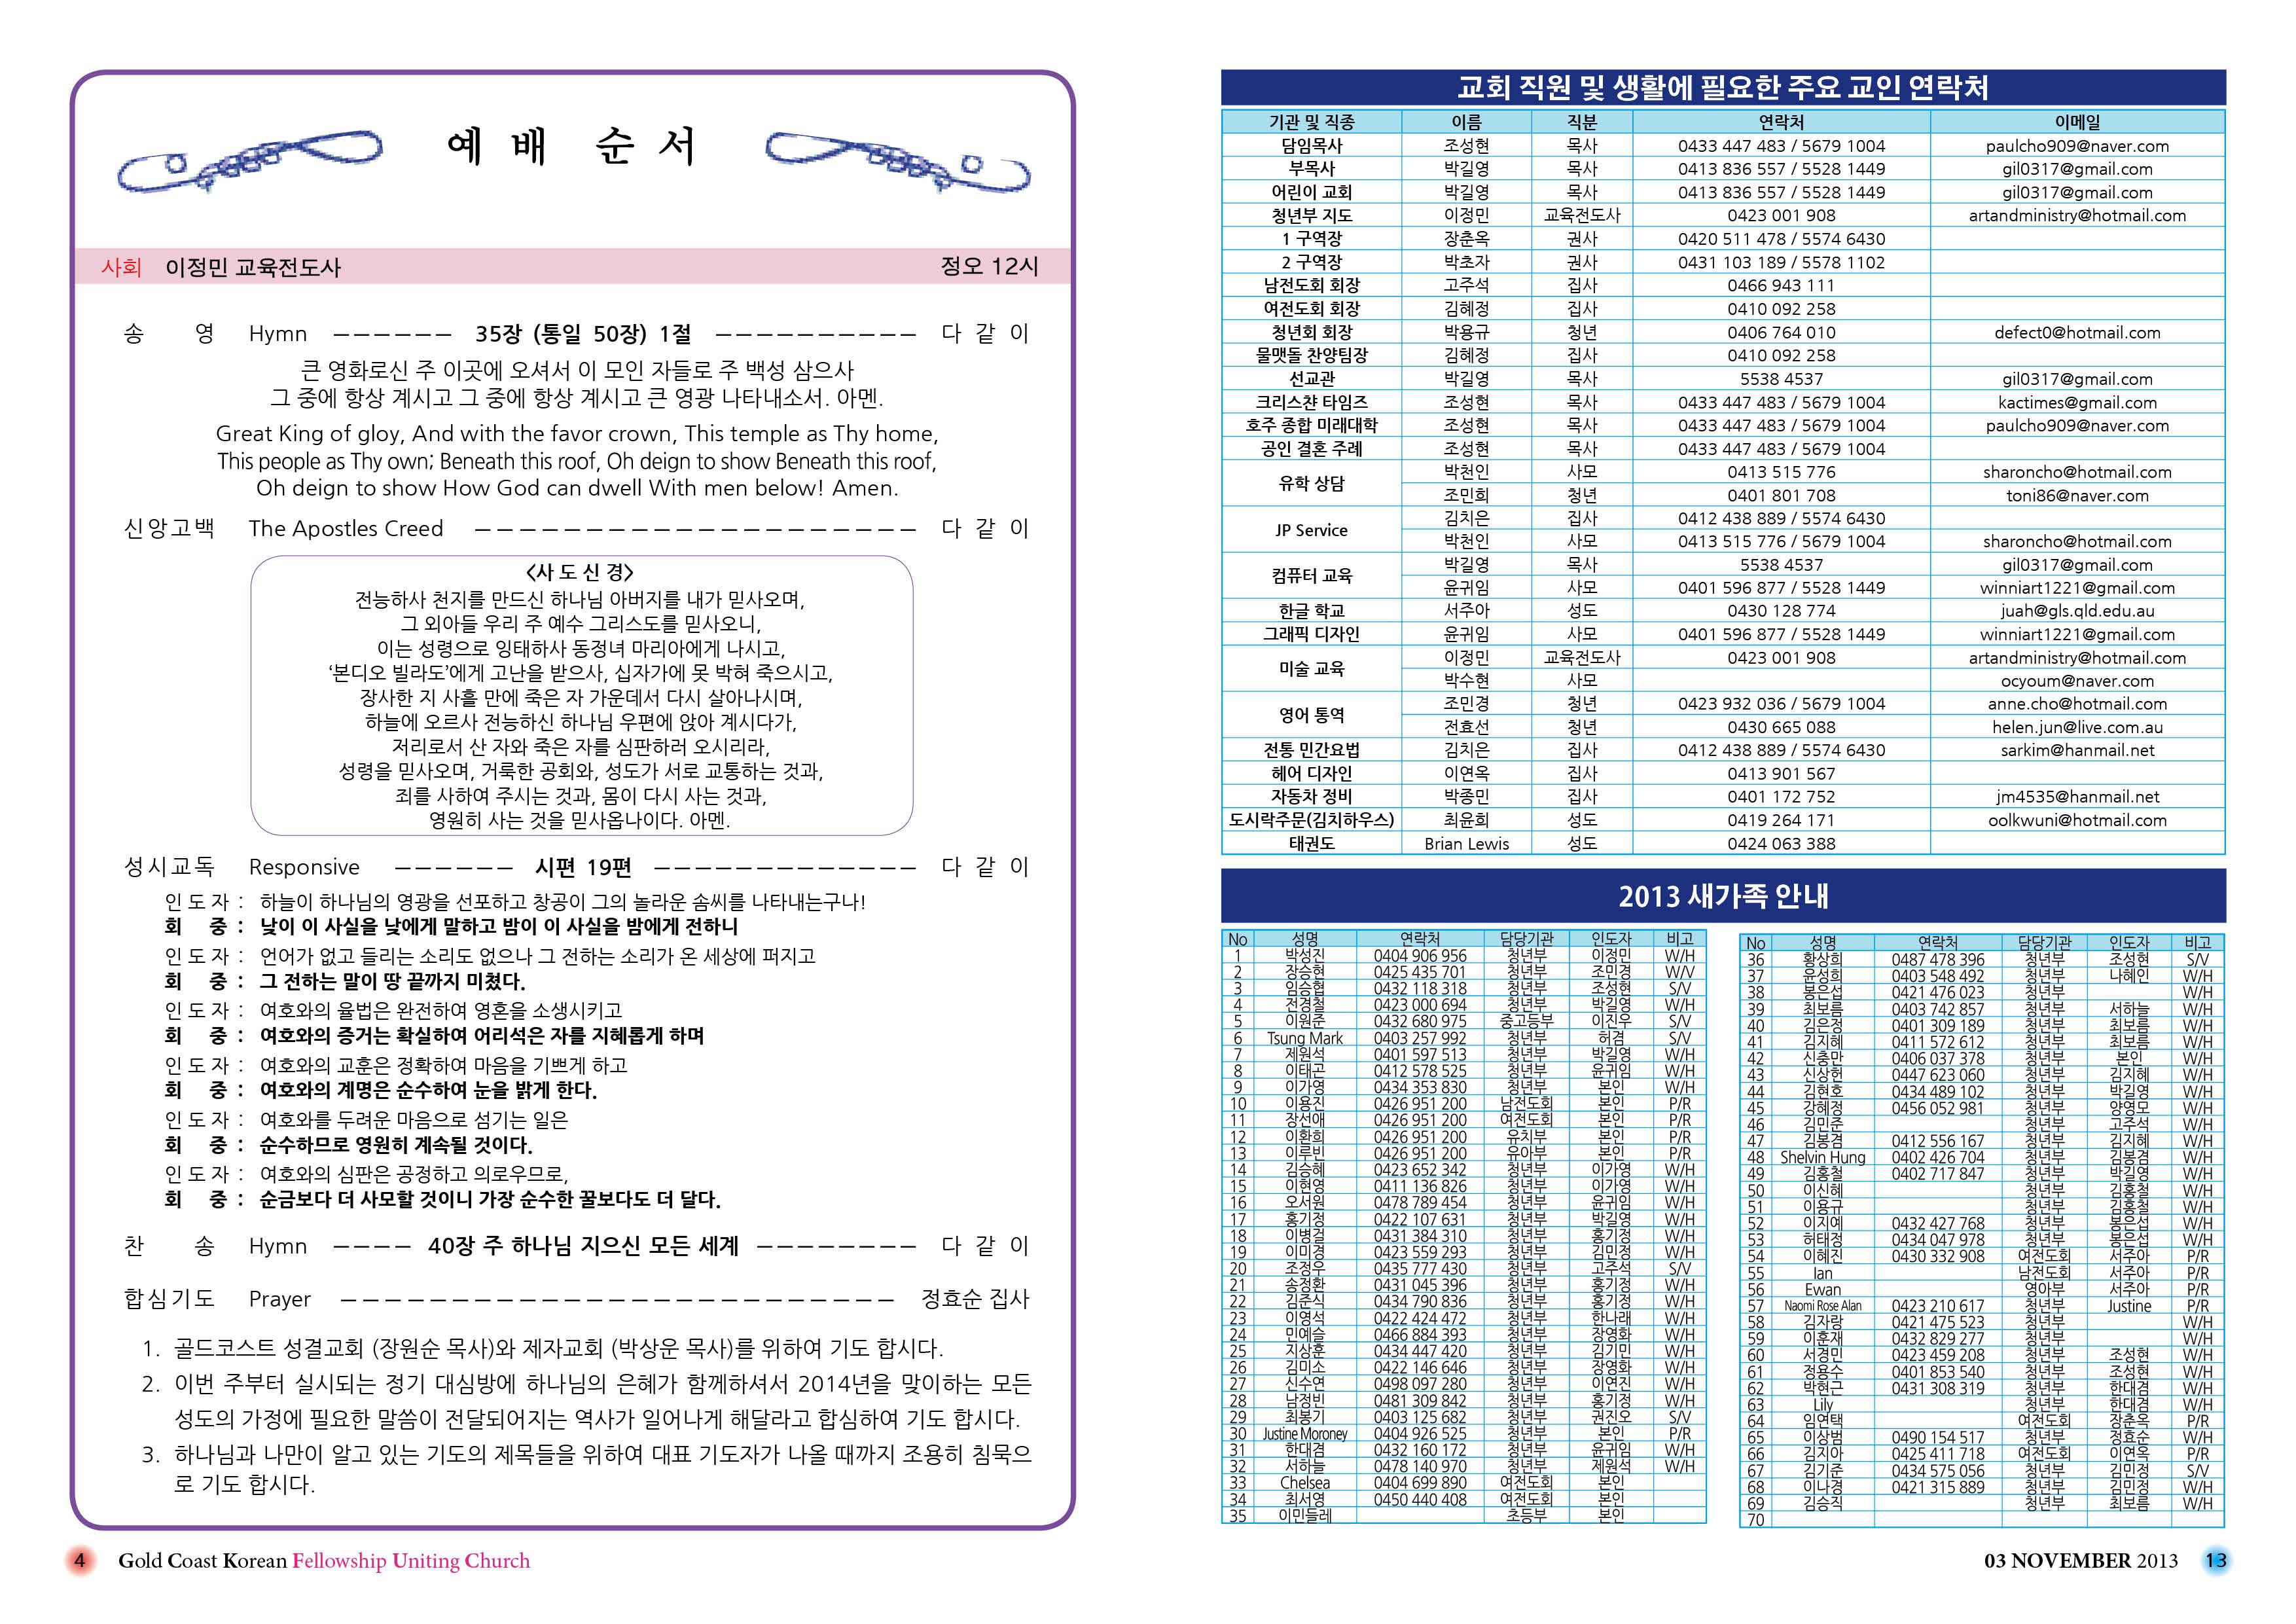 2013.11.03 주보(1차 수정)4.jpg